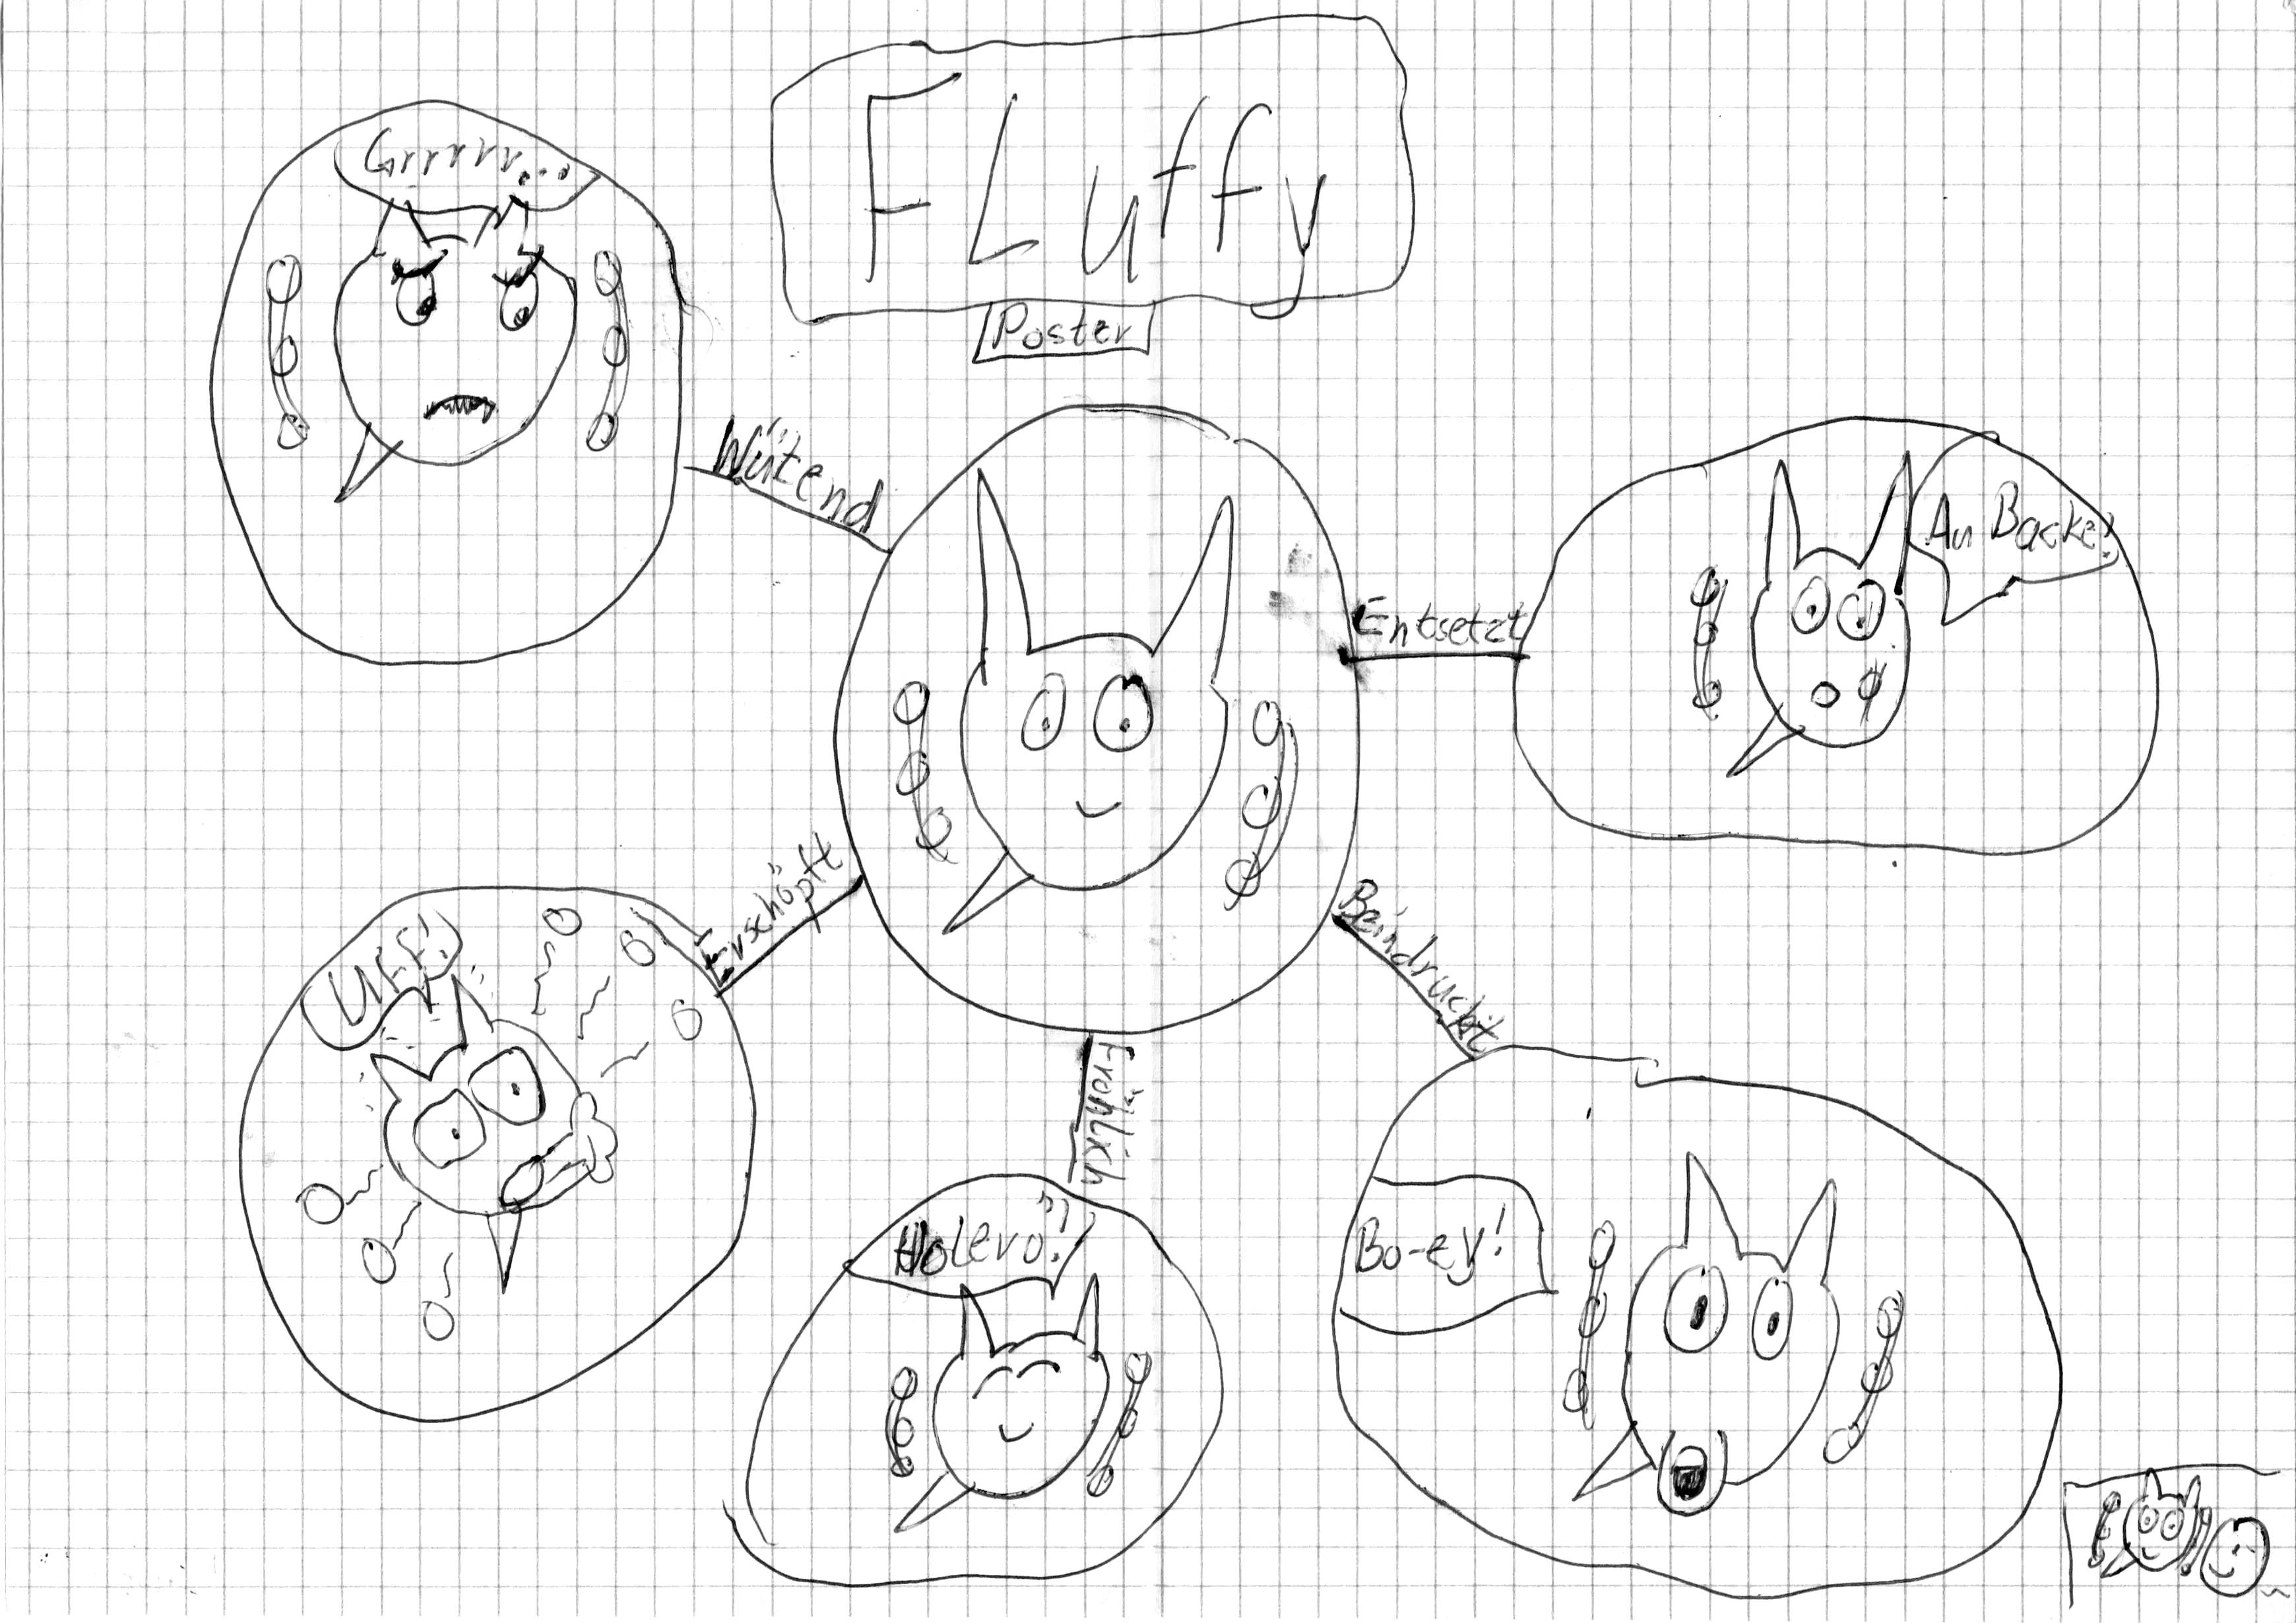 Ziemlich Ohr Diagramm Beschriftet Fotos - Anatomie Ideen - finotti.info